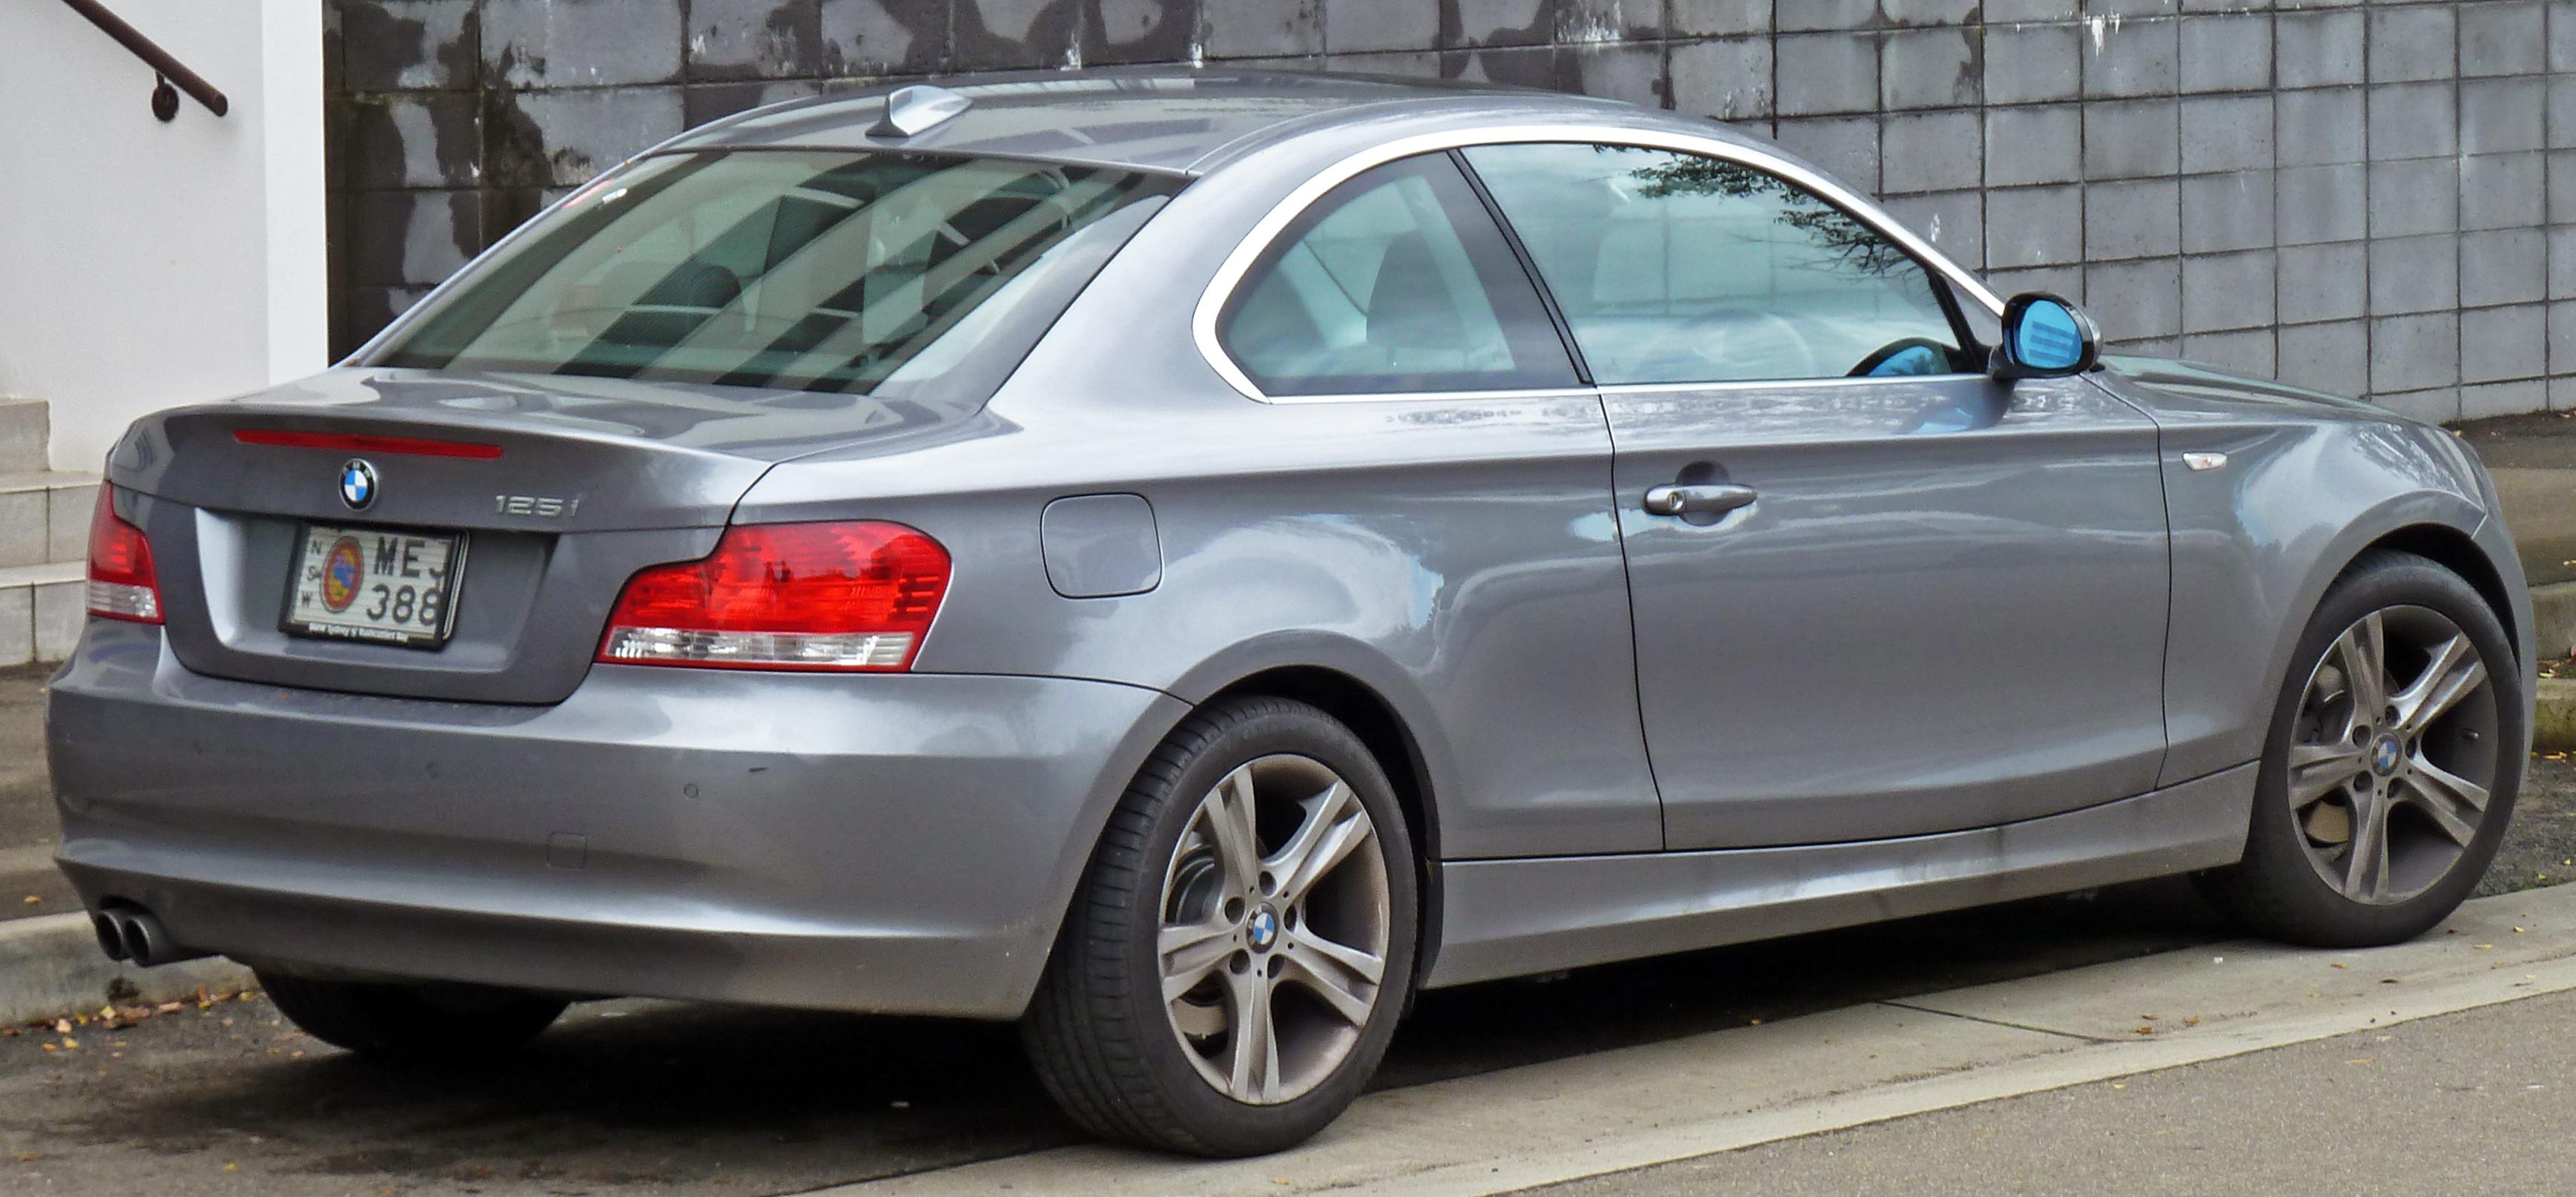 2010 BMW 02 Serie photo - 1